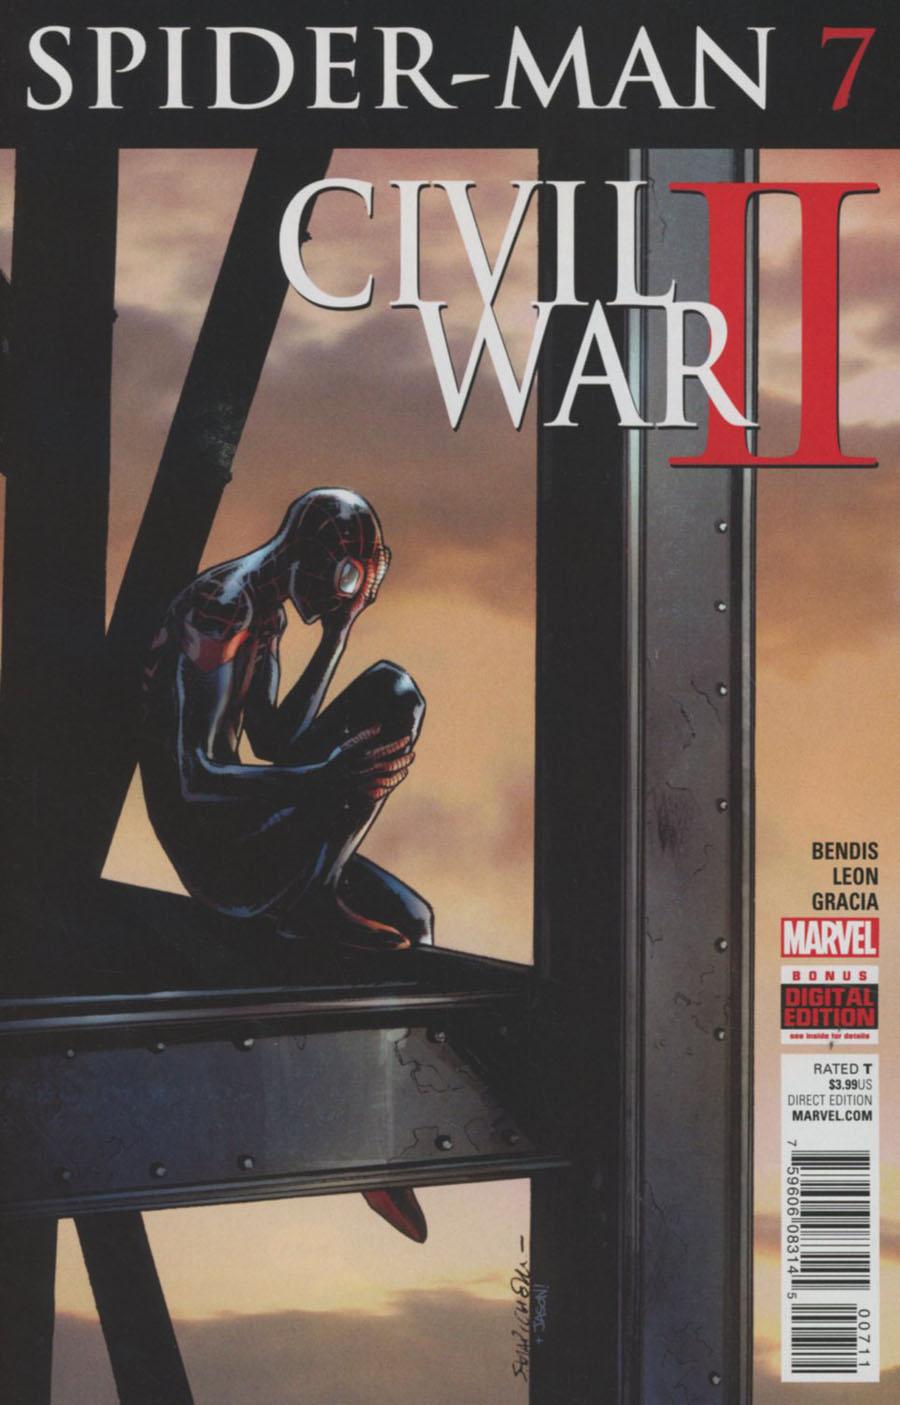 Spider-Man Vol 2 #7 Cover A Regular Sara Pichelli Cover (Civil War II Tie-In)